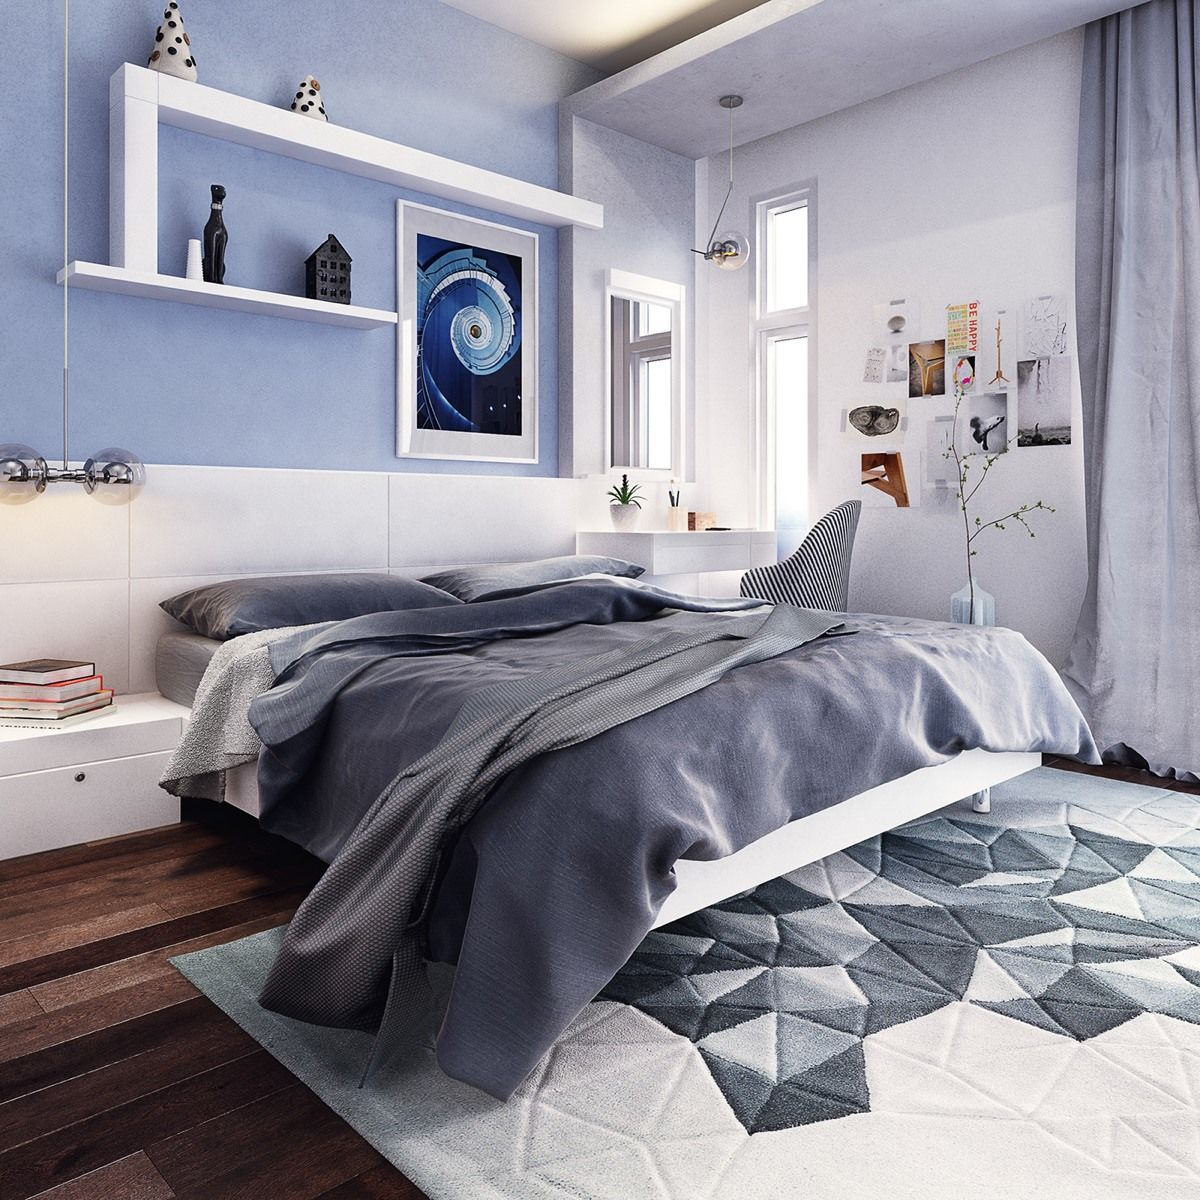 Stylish teenage bedroom ideas